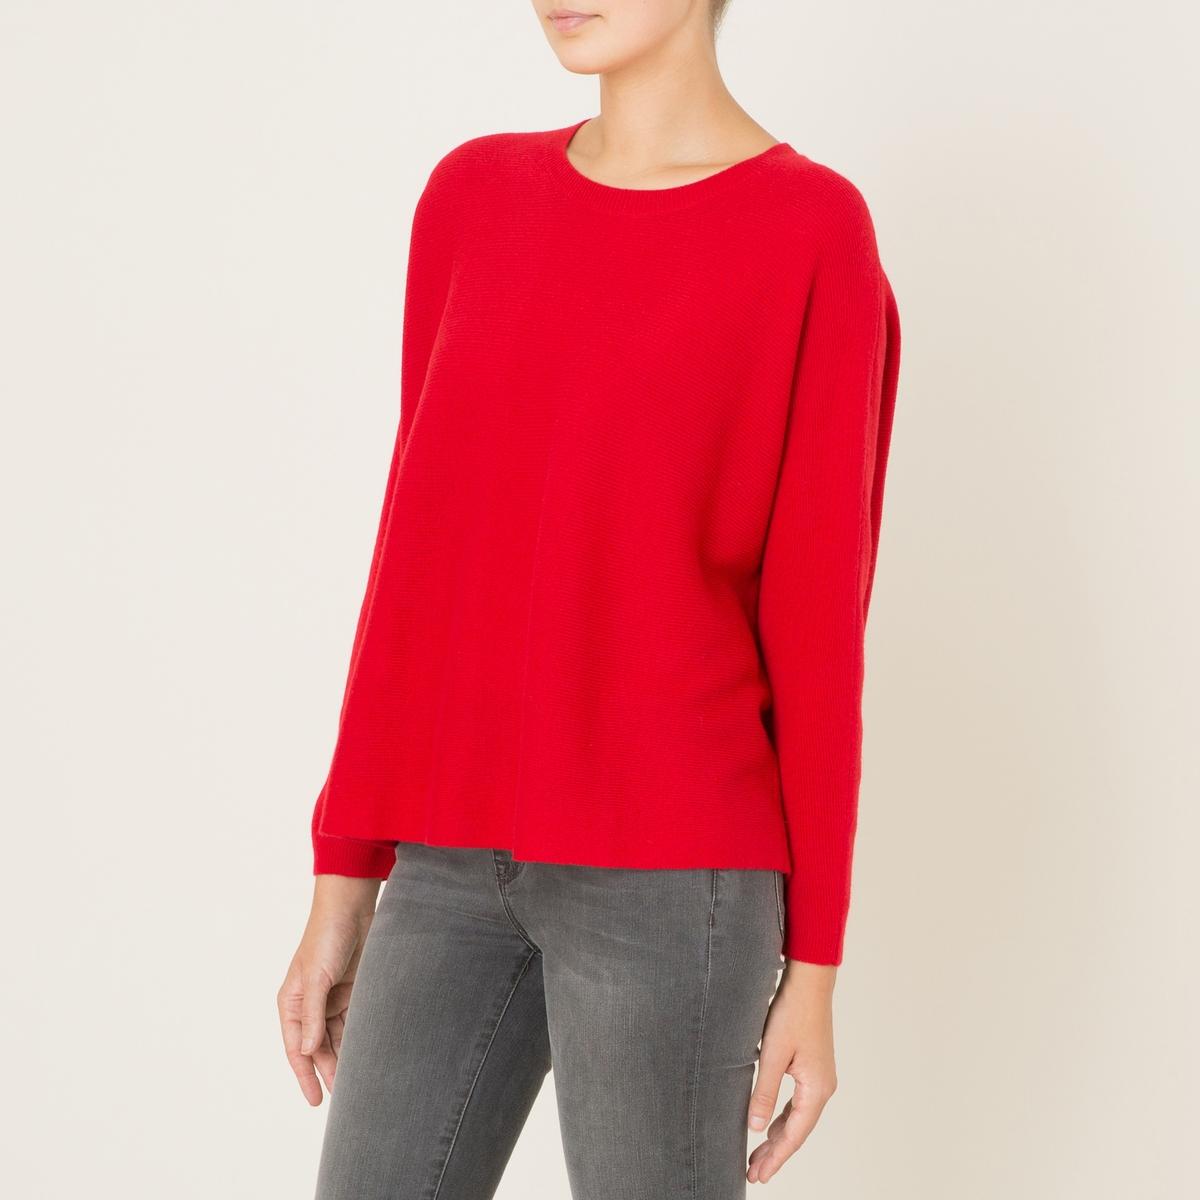 Пуловер из кашемираПуловер с круглым вырезом THE KOOPLES SPORT - модель 1335S, 100% кашемир. Края выреза и рукавов связаны в рубчик. Длинные рукава. Прямой покрой.Состав и описание          Материал : 100% кашемир         Вязка в рубчик 99% кашемира, 1% эластана         Марка : THE KOOPLES SPORT<br><br>Цвет: красный